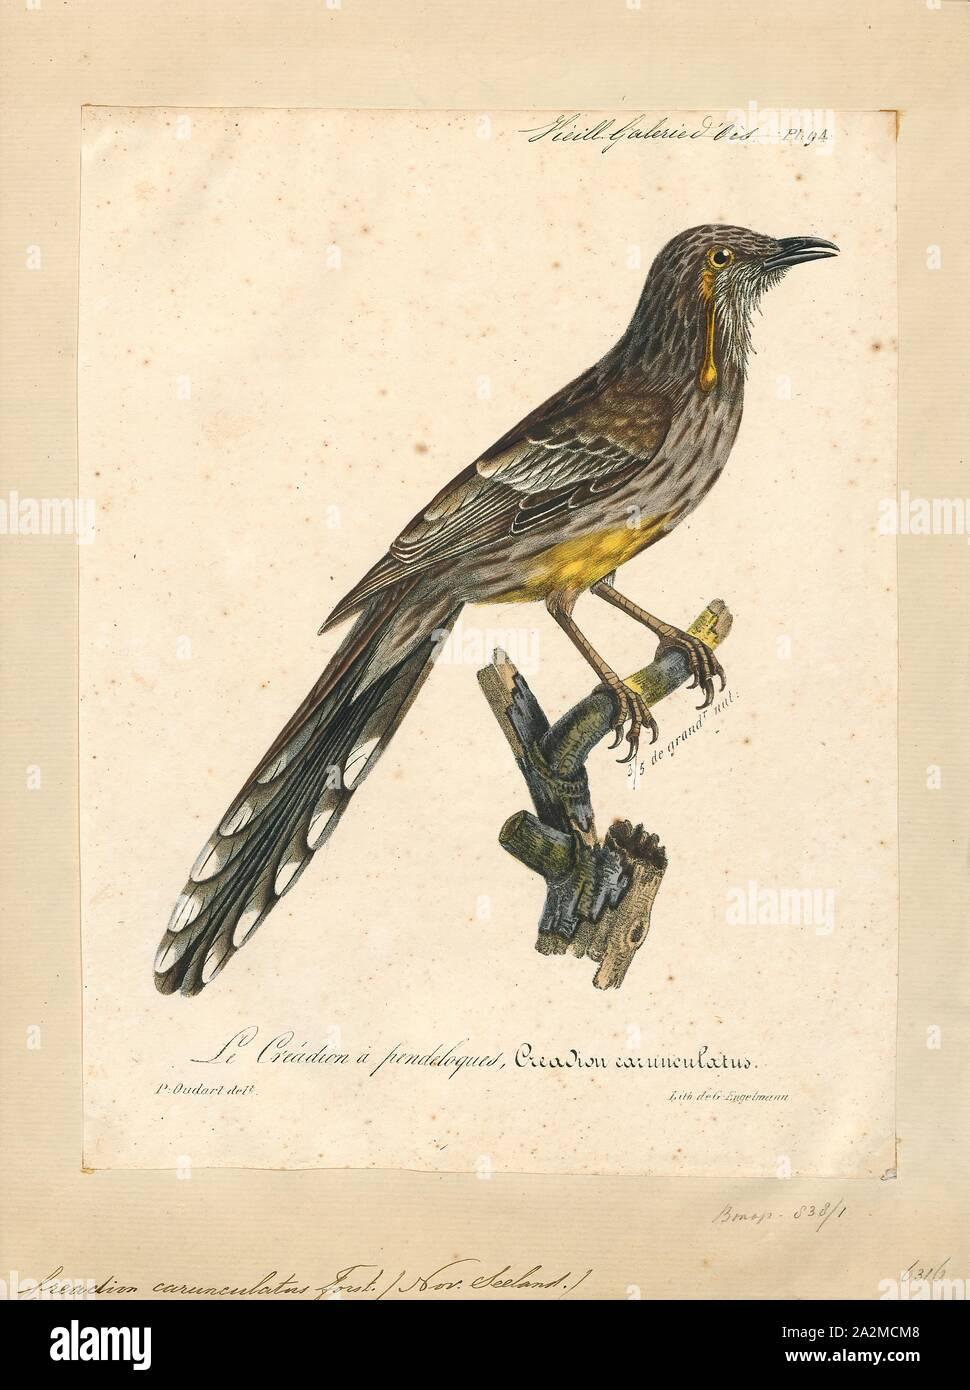 Creadion carunculatus, Imprimer, l'île du Sud saddleback ou tīeke (Philesturnus carunculatus) est un oiseau de la forêt dans la Nouvelle Zélande wattlebird famille qui est endémique à l'île du sud de Nouvelle-Zélande. L'Île du Nord et saddleback cette espèce était auparavant considérées comme conspécifiques. Le ministère de la conservation en ce moment a l'île du Sud saddleback désignées en péril--en déclin., 1825-1834 Banque D'Images